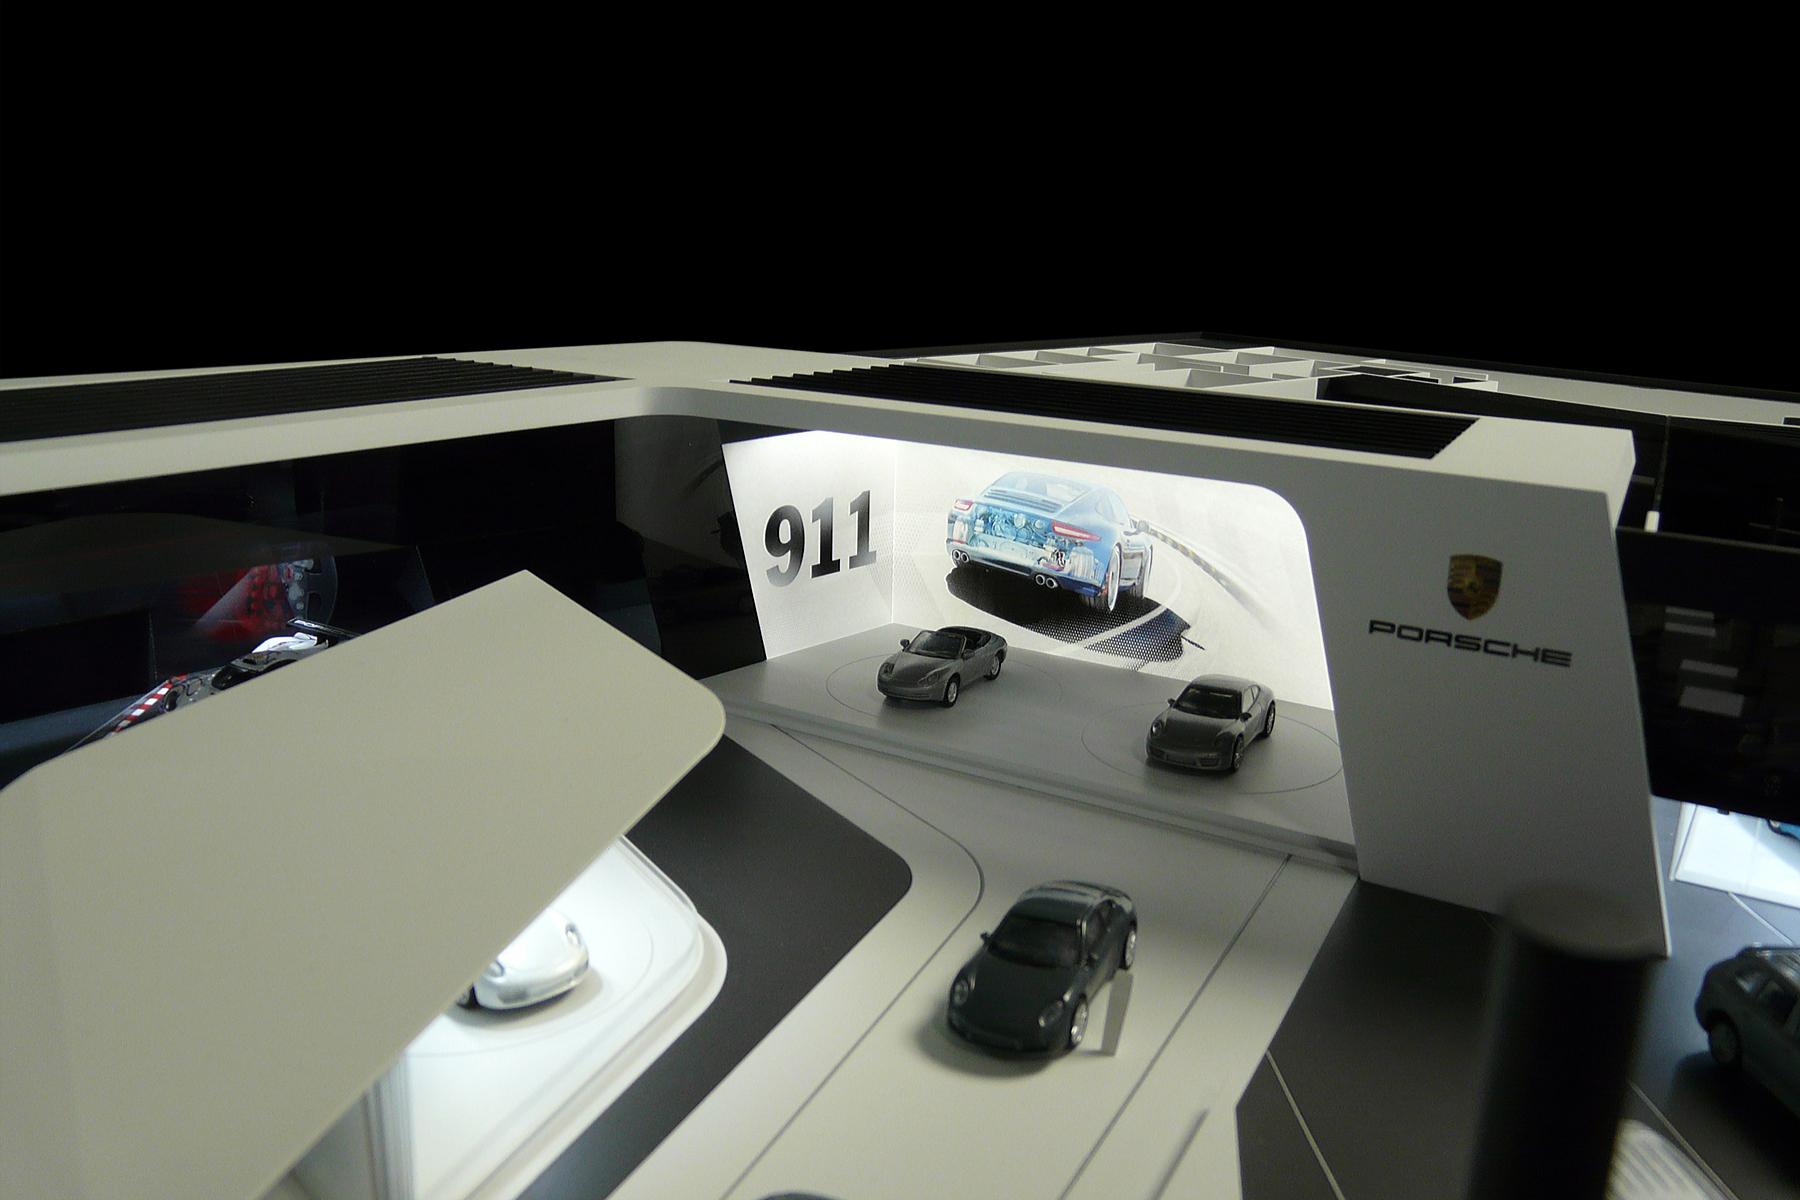 architekturmodell porsche messestand bei der. Black Bedroom Furniture Sets. Home Design Ideas